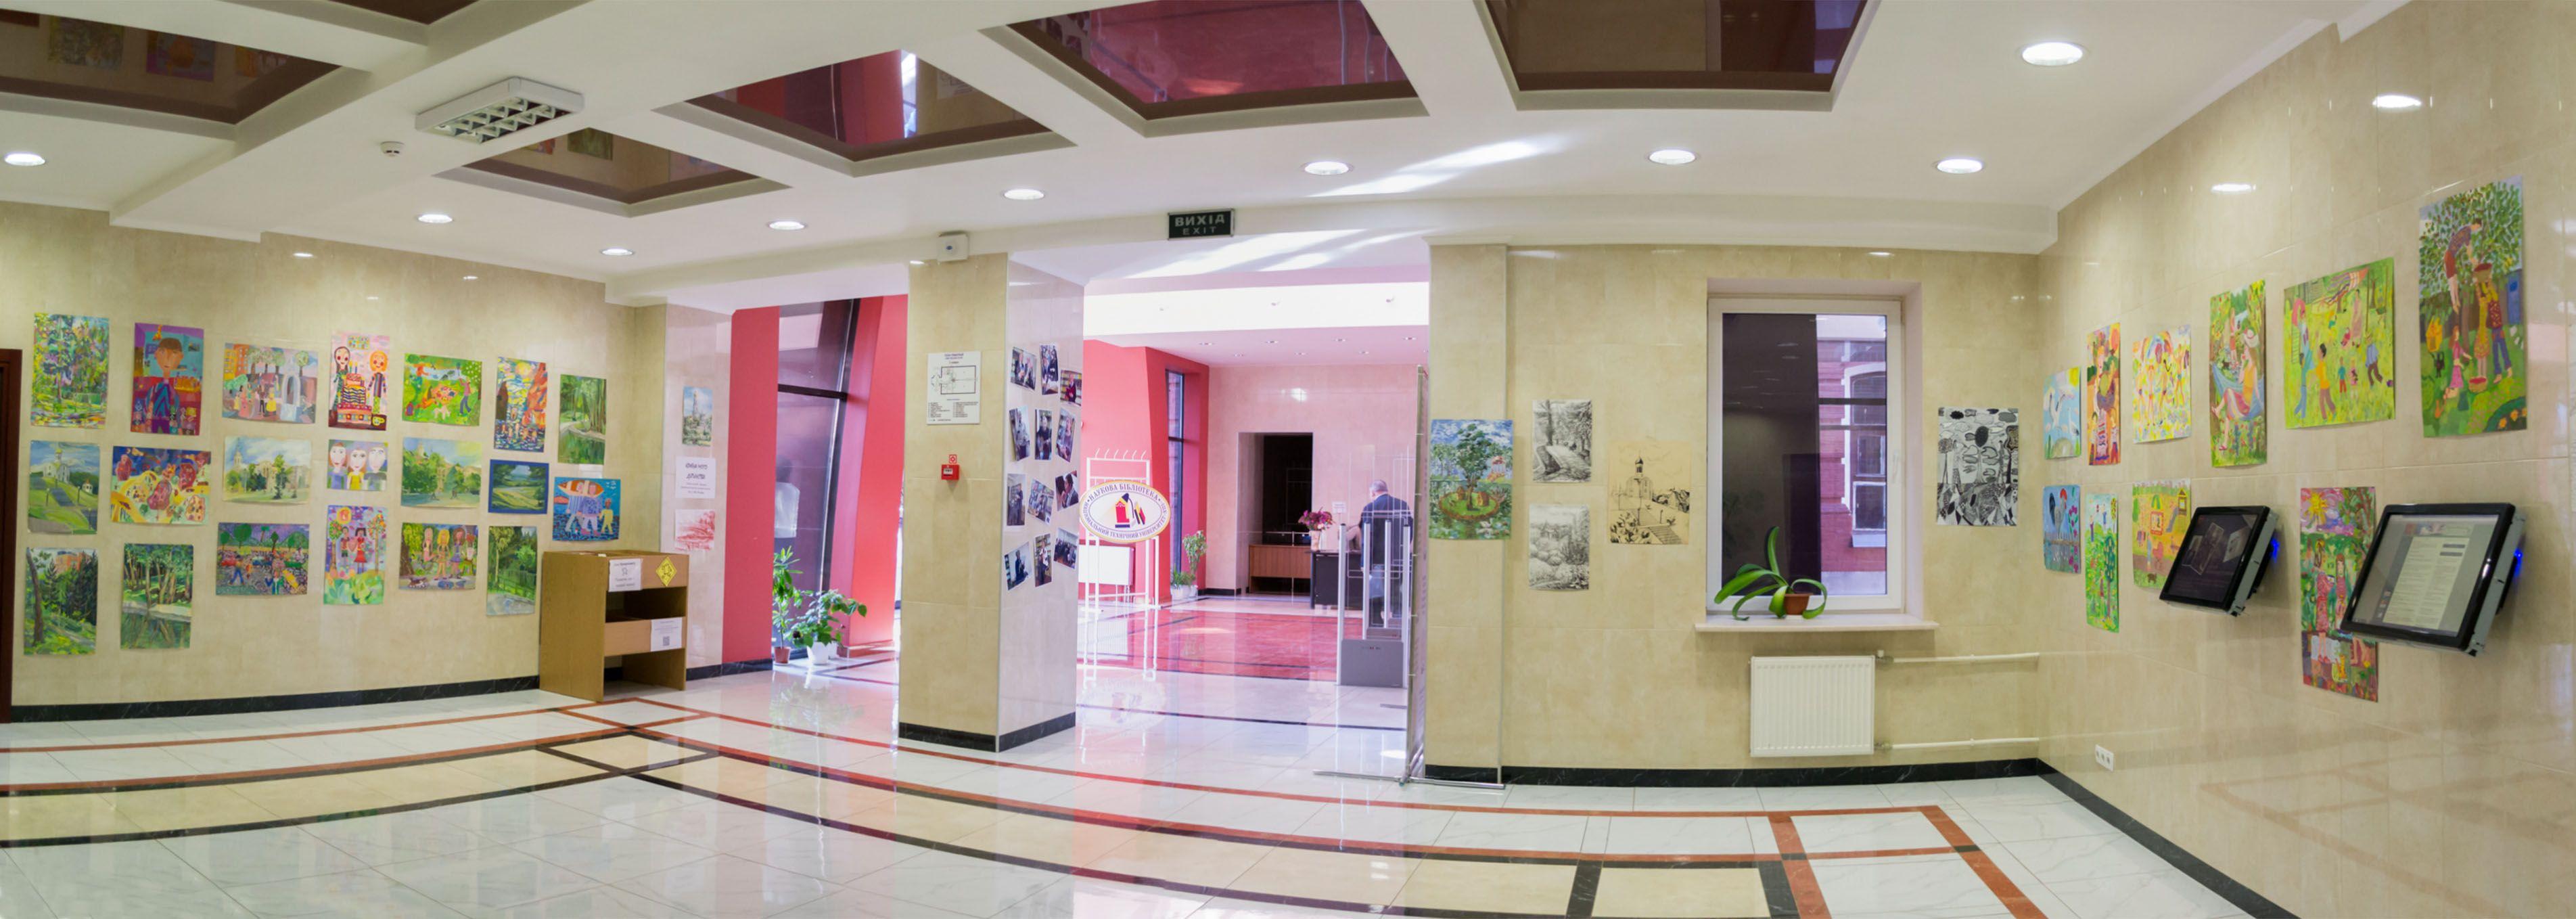 Панорама виставки у холі бібліотеки